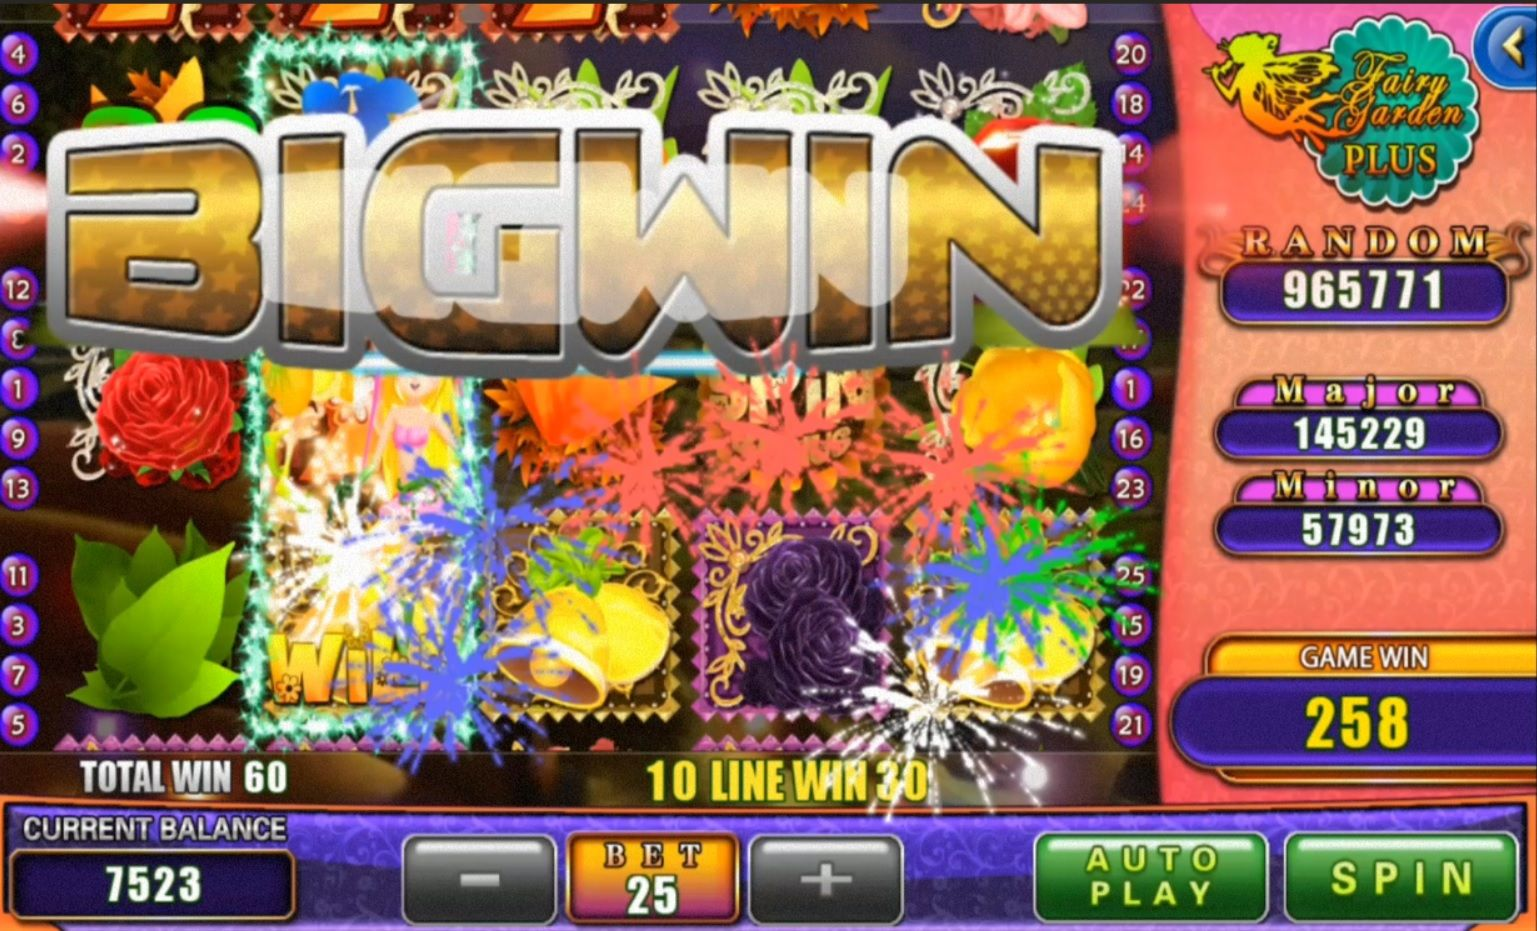 Saya Menang Big Win Dalam 918kiss Fairy Garden Plus Slot Game